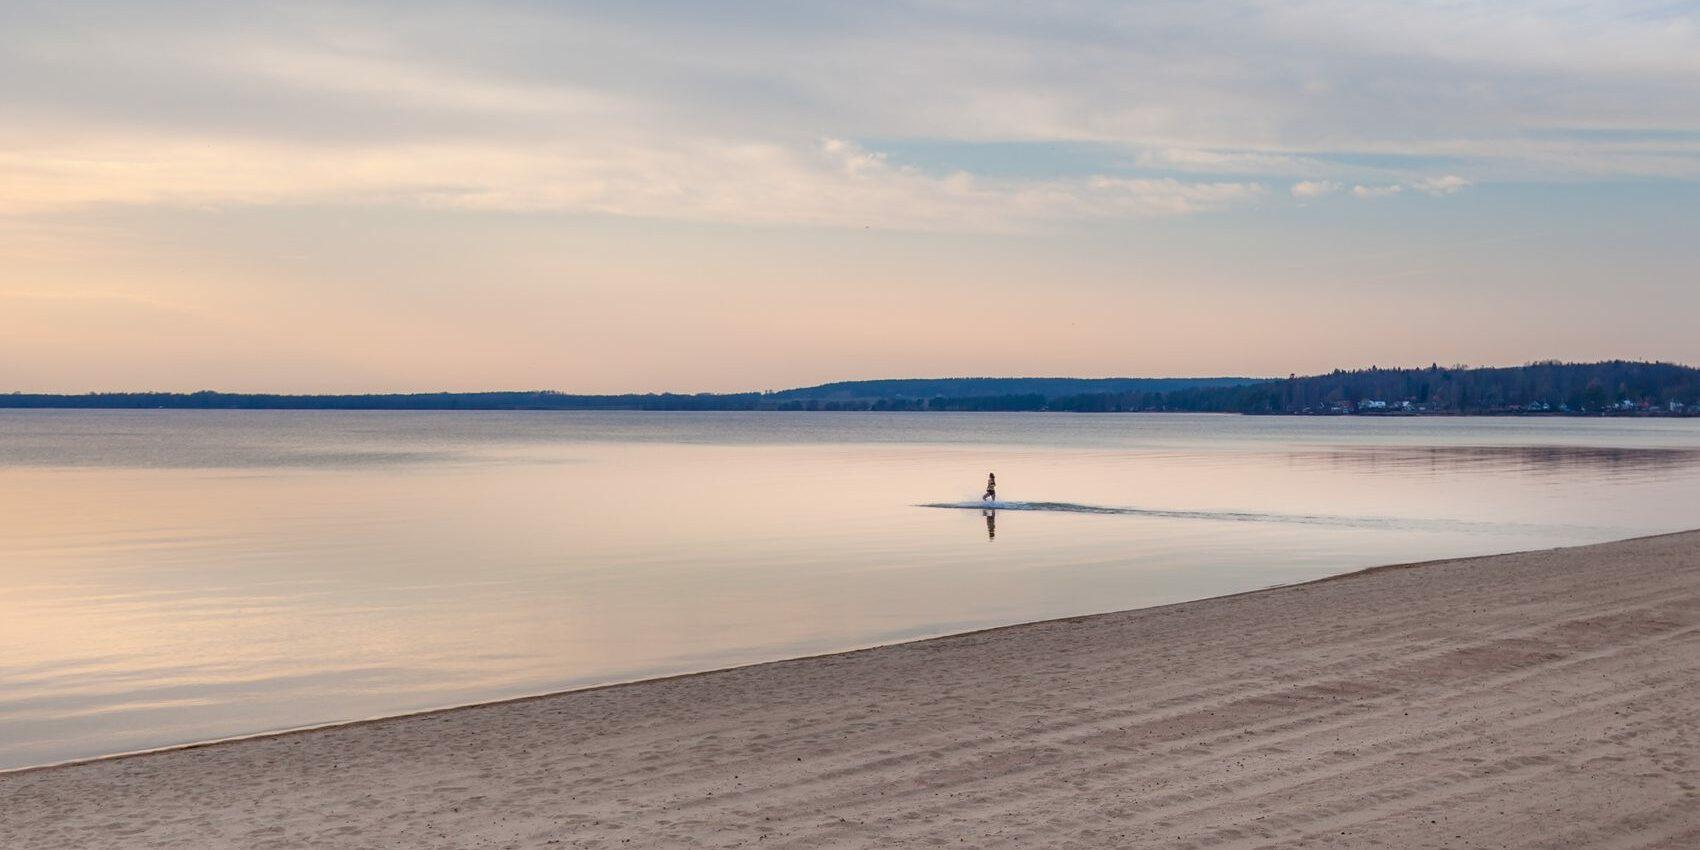 Skyning över en sandstrand med helt stilla vatten. En person badar i vattnet.